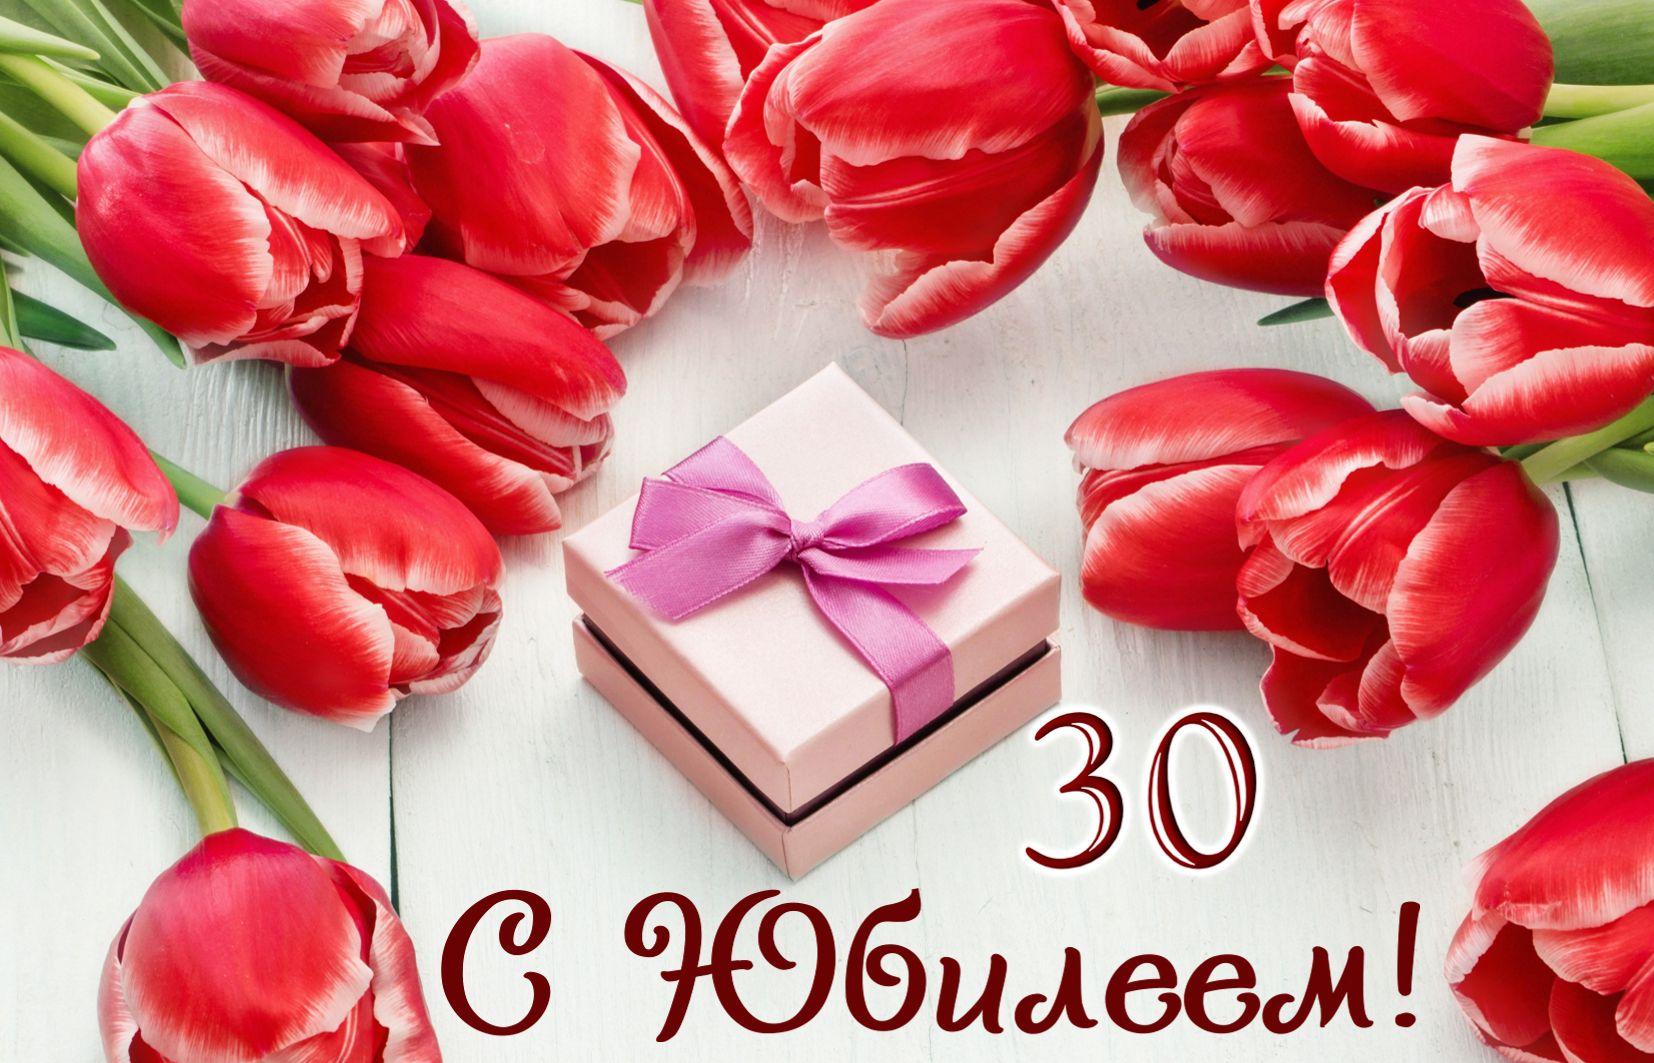 Красивые открытки с днем рождения женщине 30 лет (17)